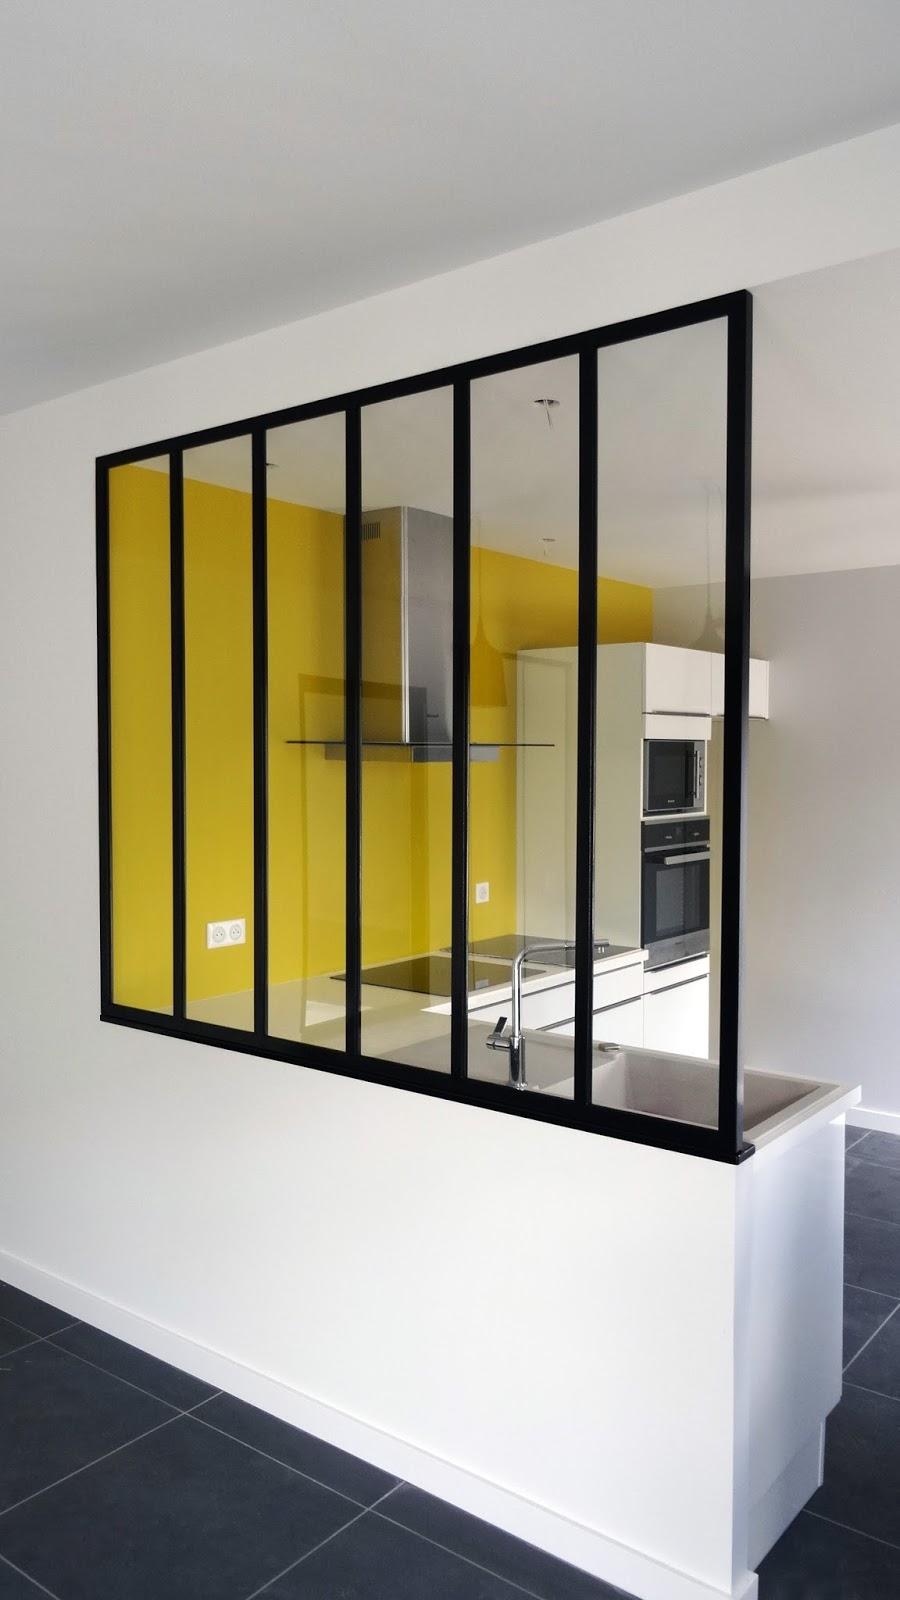 Exceptionnel Cloison Amovible Atelier. Fabulous Cloison Amovible Atelier With  UT32